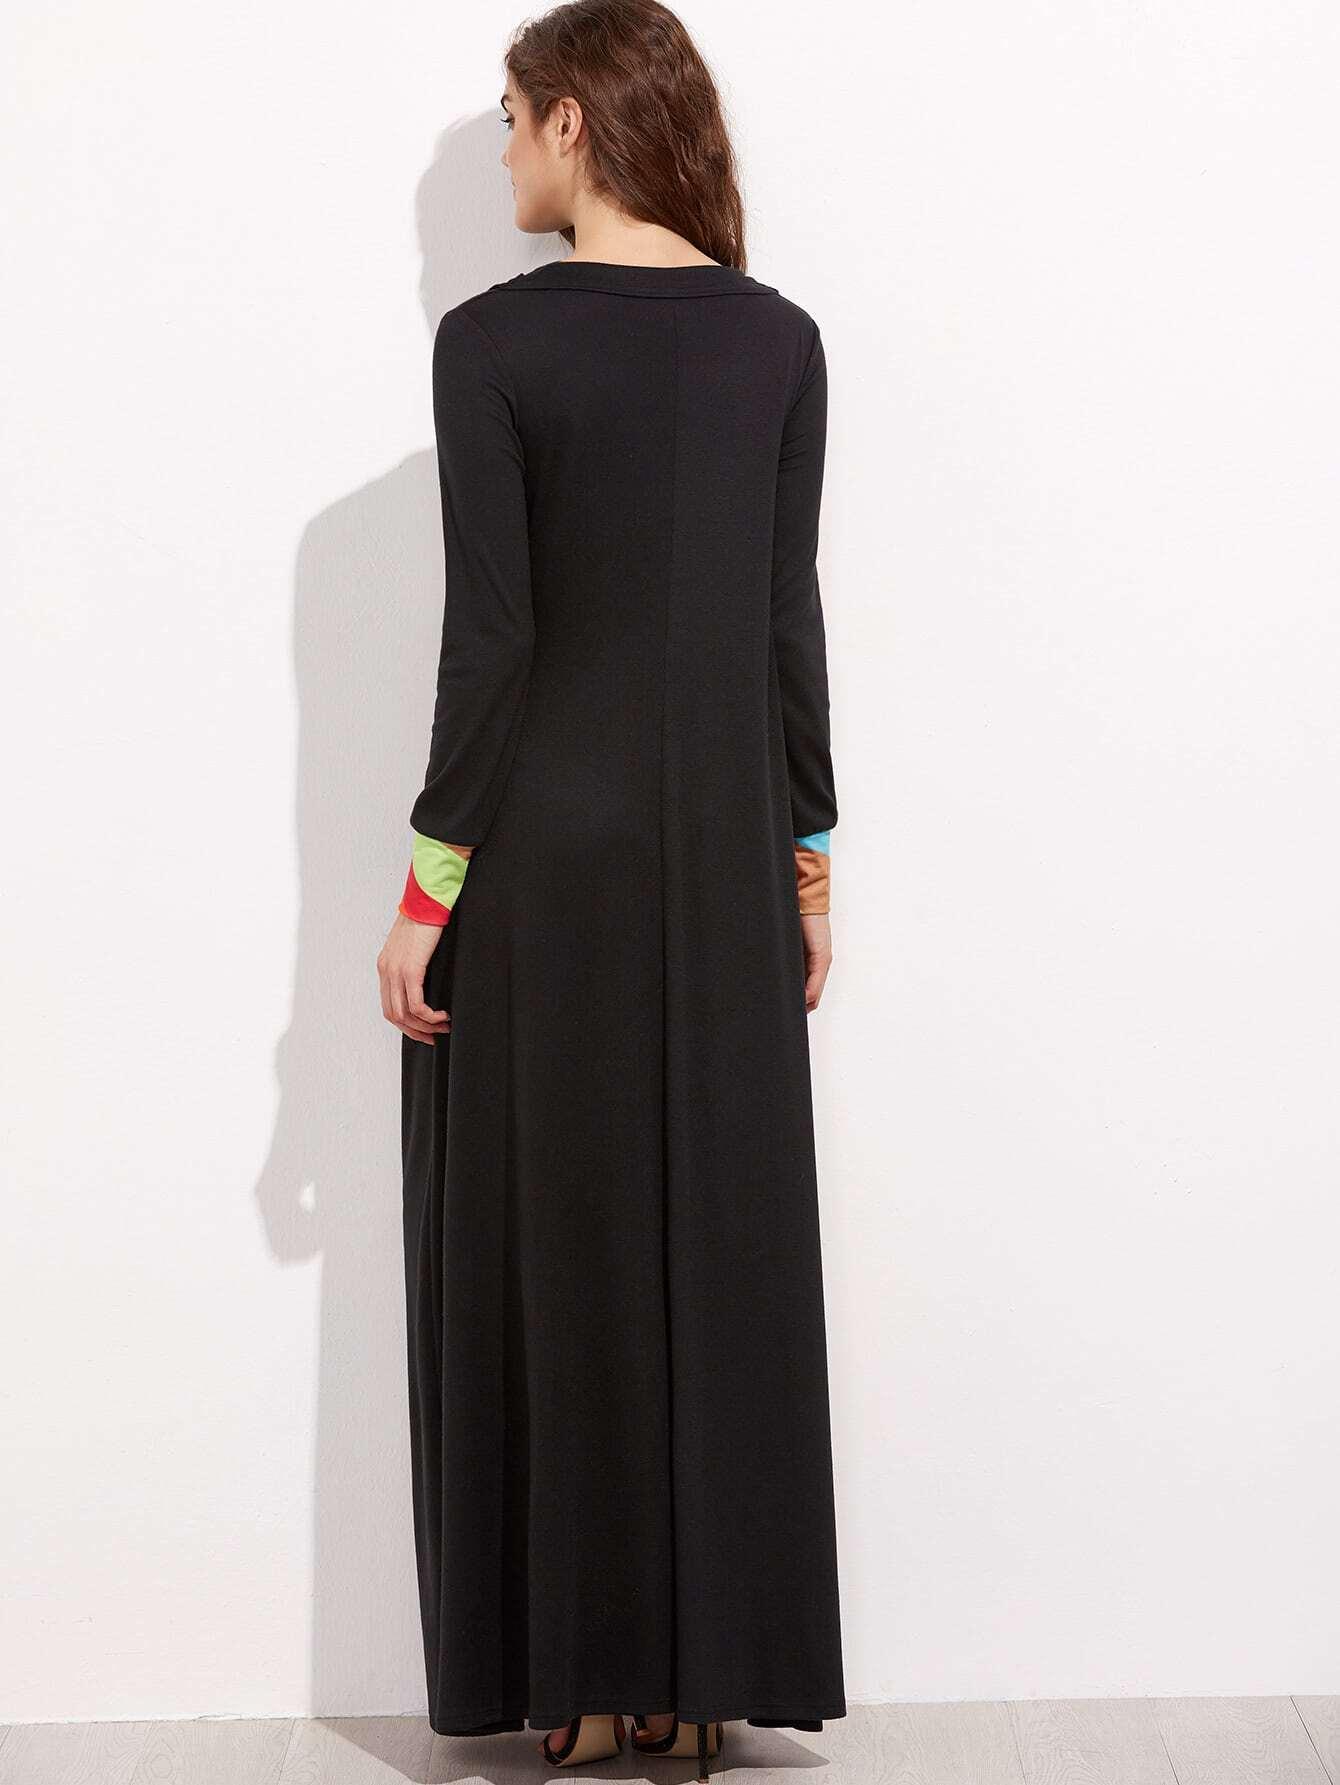 dress161130718_2